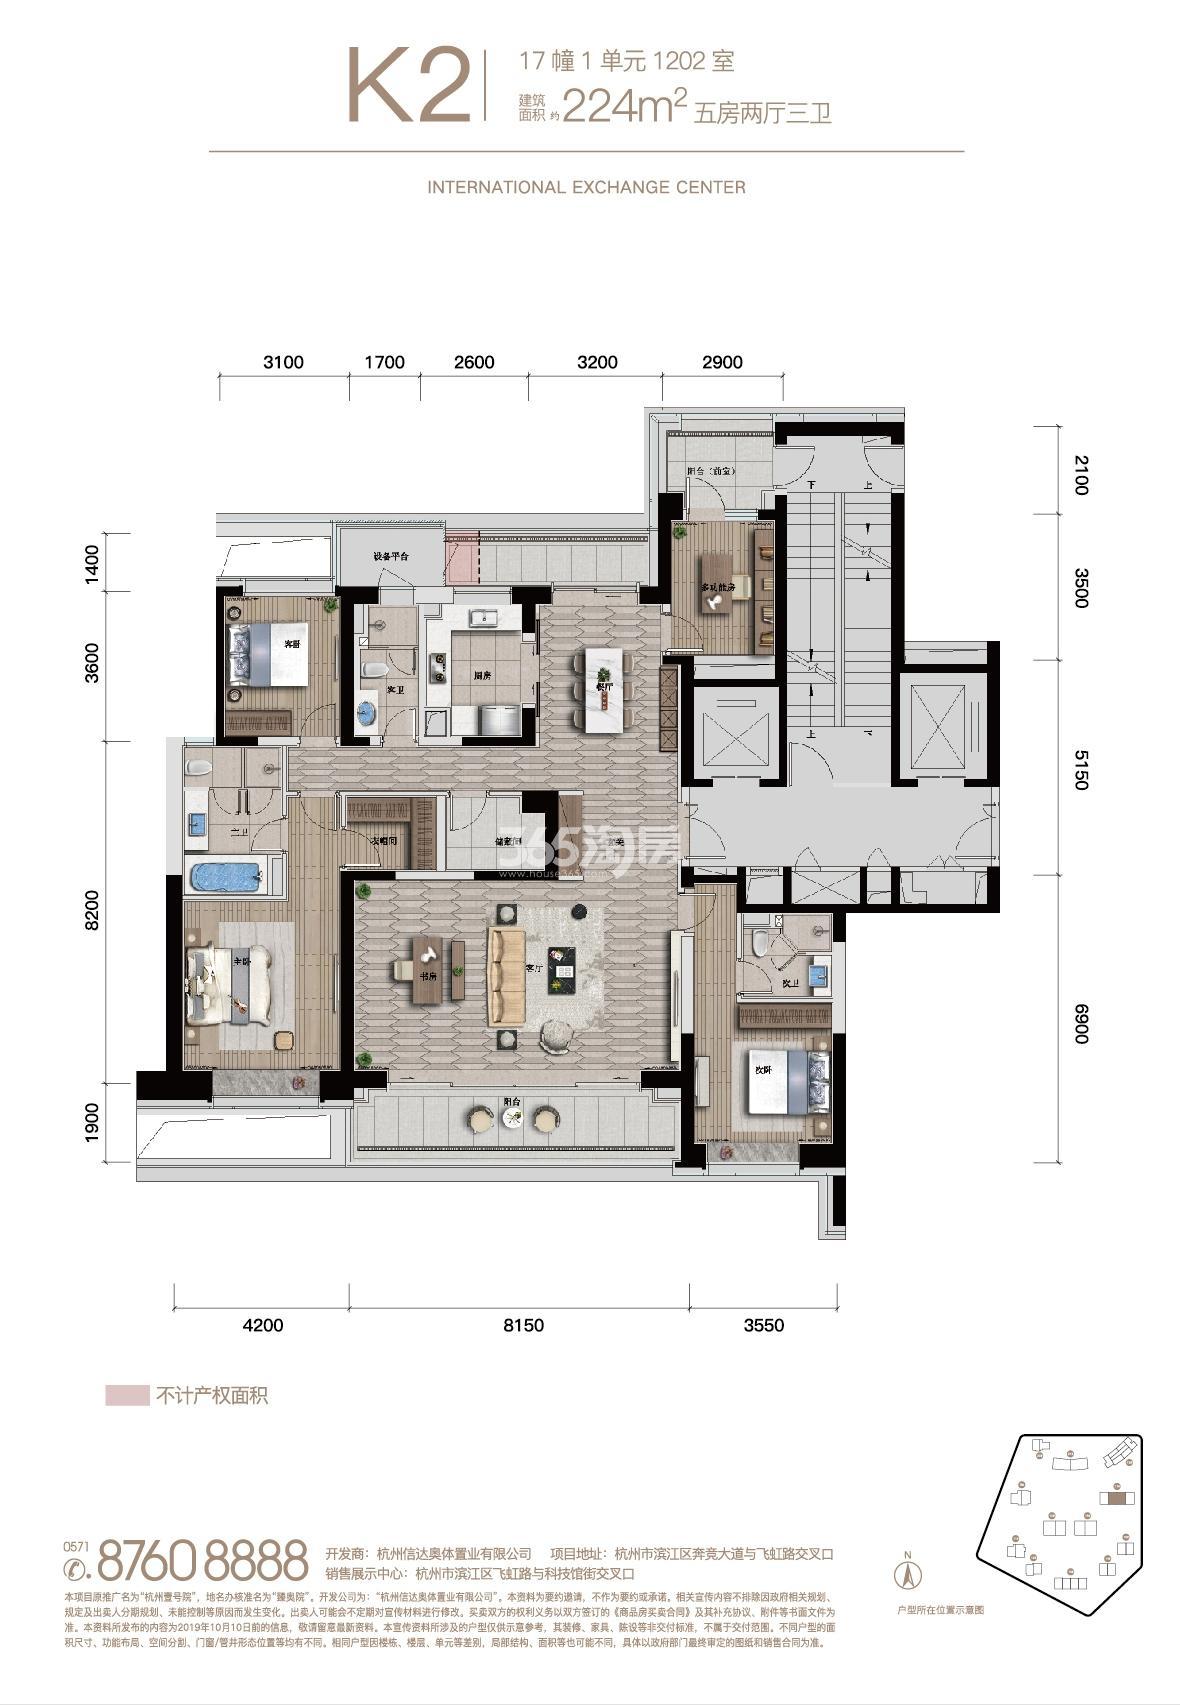 信达中心|杭州壹号院17号楼中间套K2户型 约224㎡